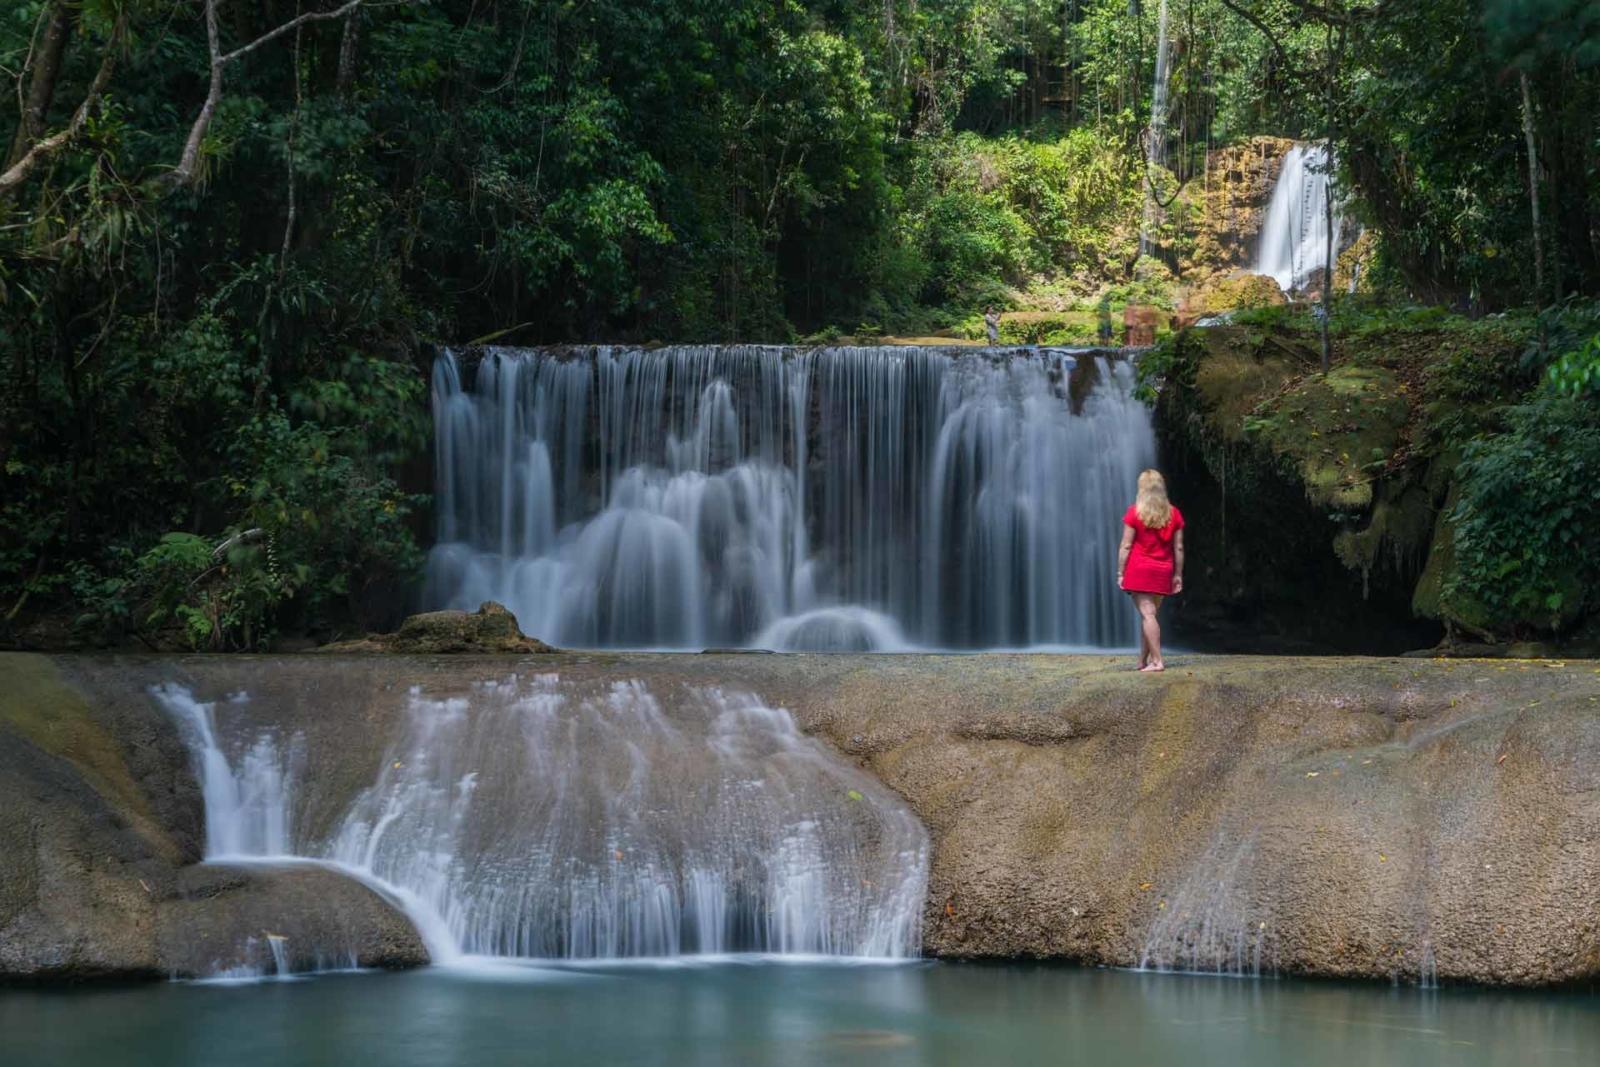 jamaica travel guide